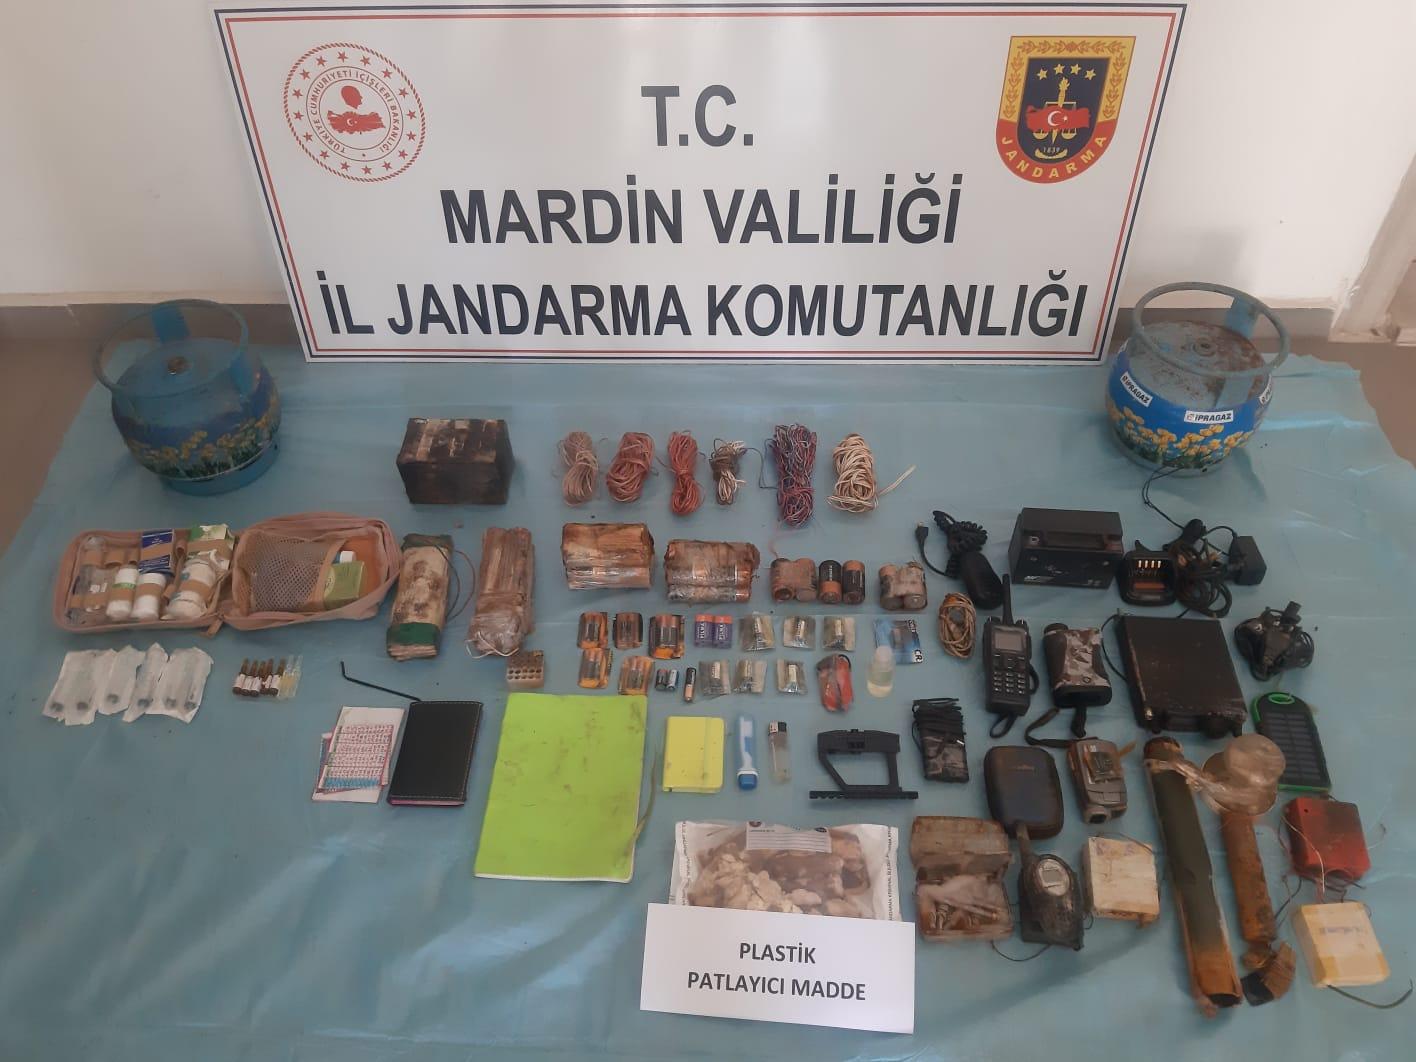 Mardin'de PKK operasyonu: 22 kişi gözaltı